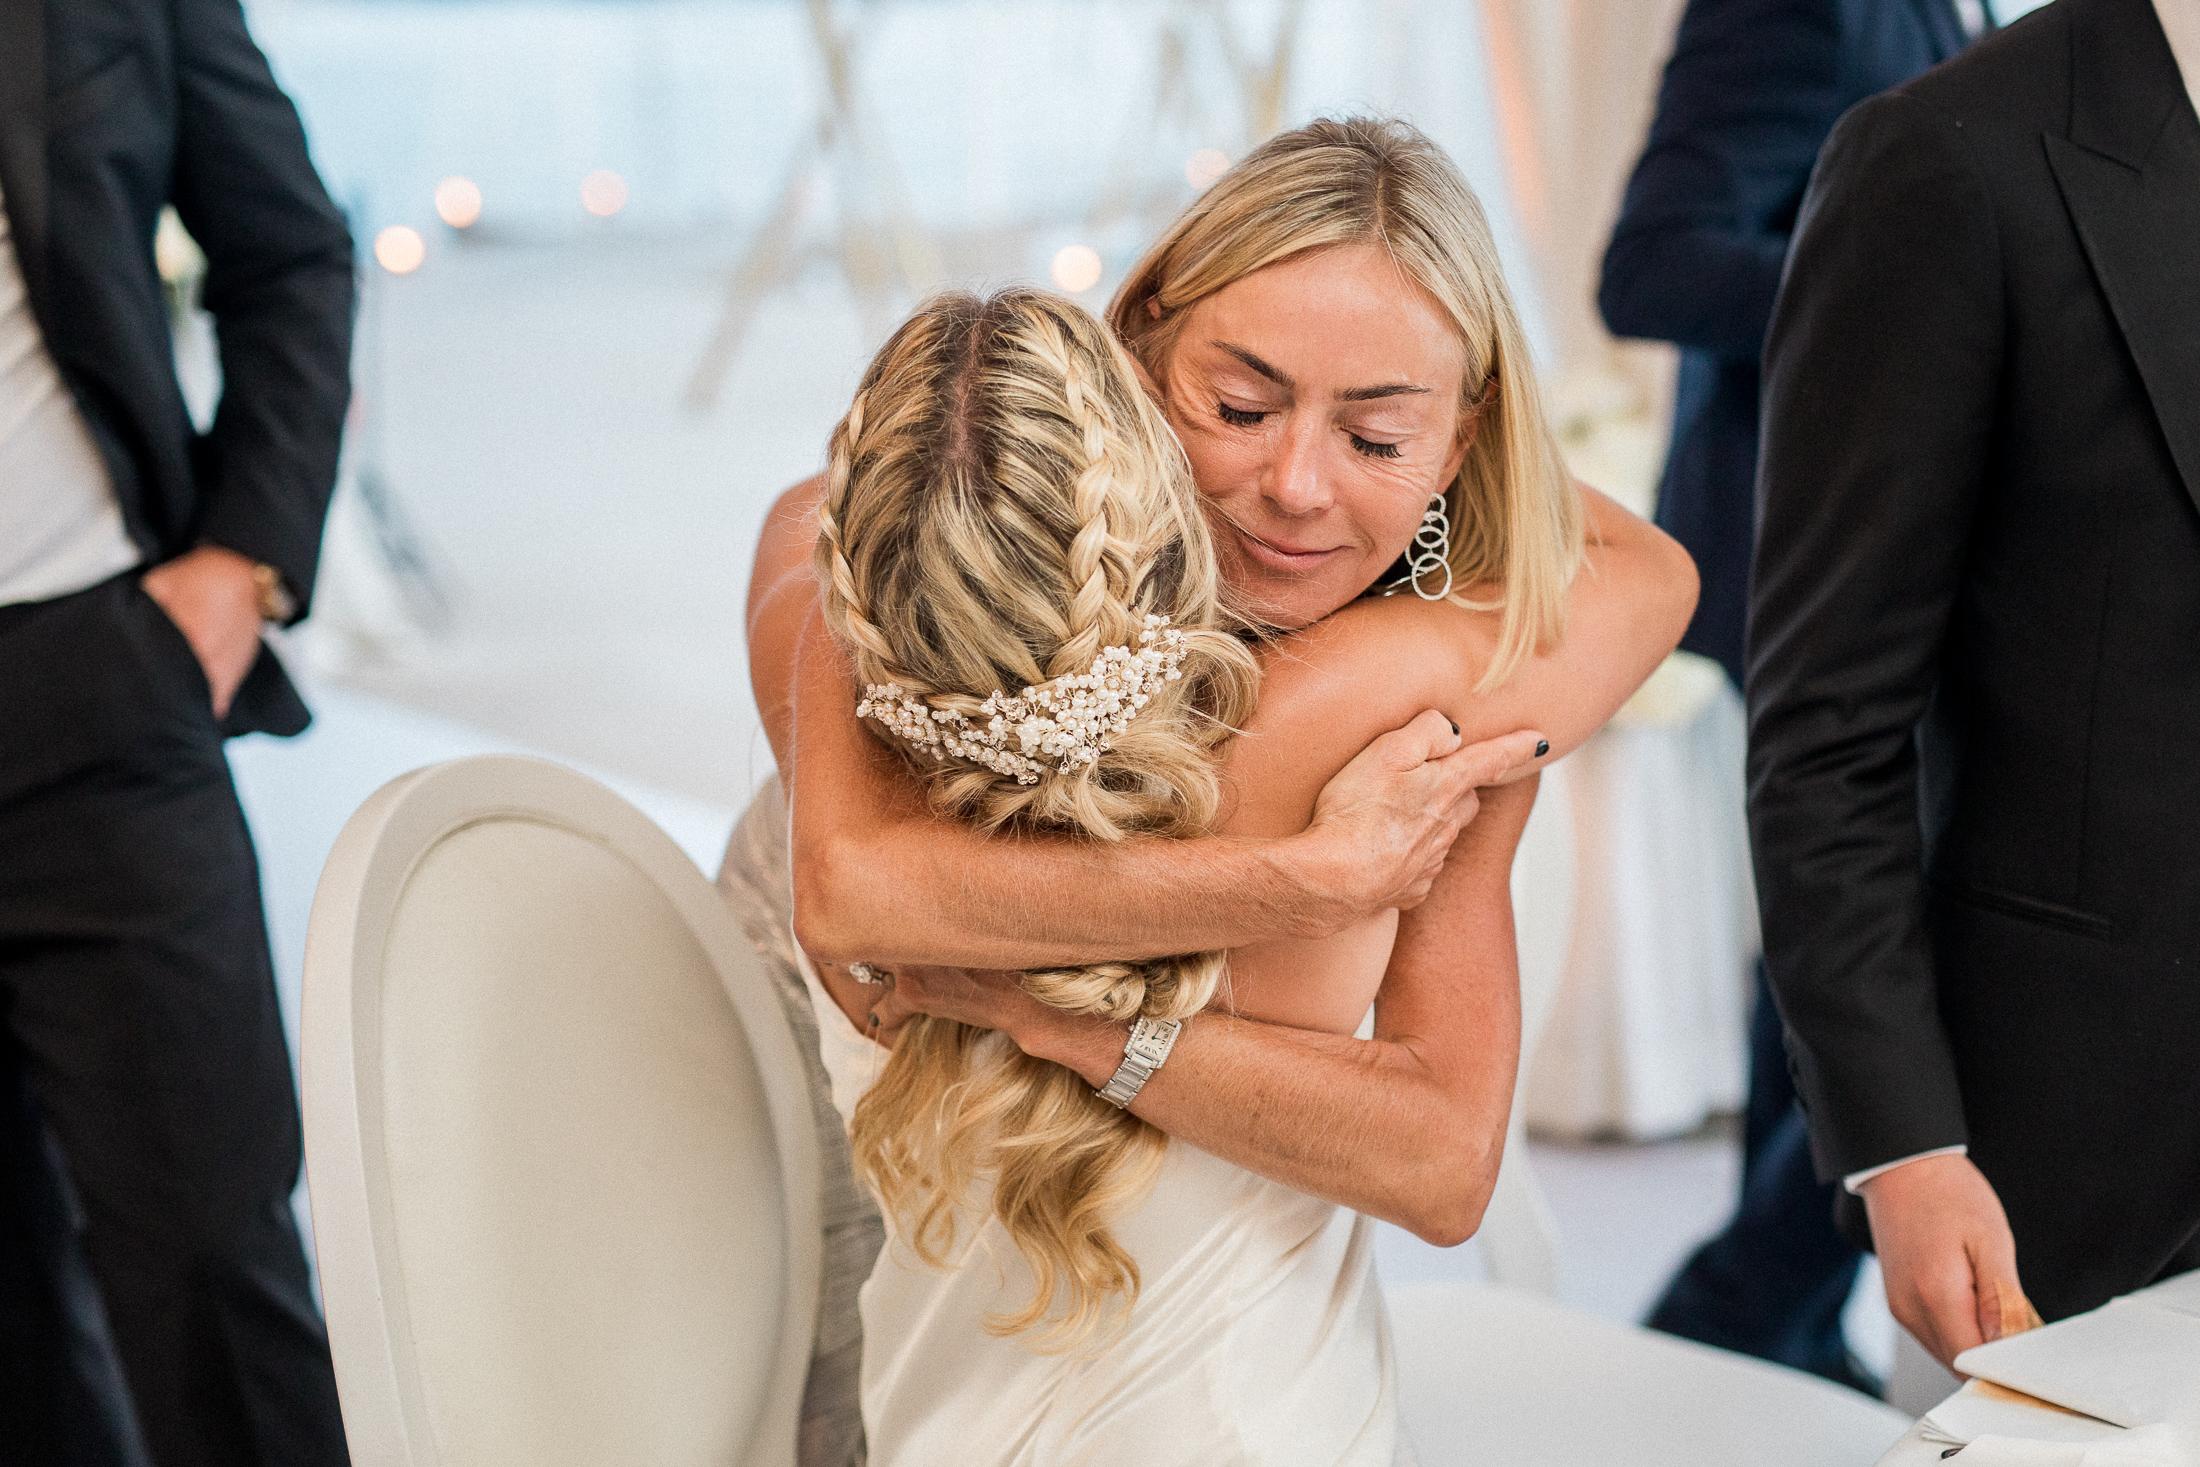 Photographe mariage Toscane Sylvain Bouzat.